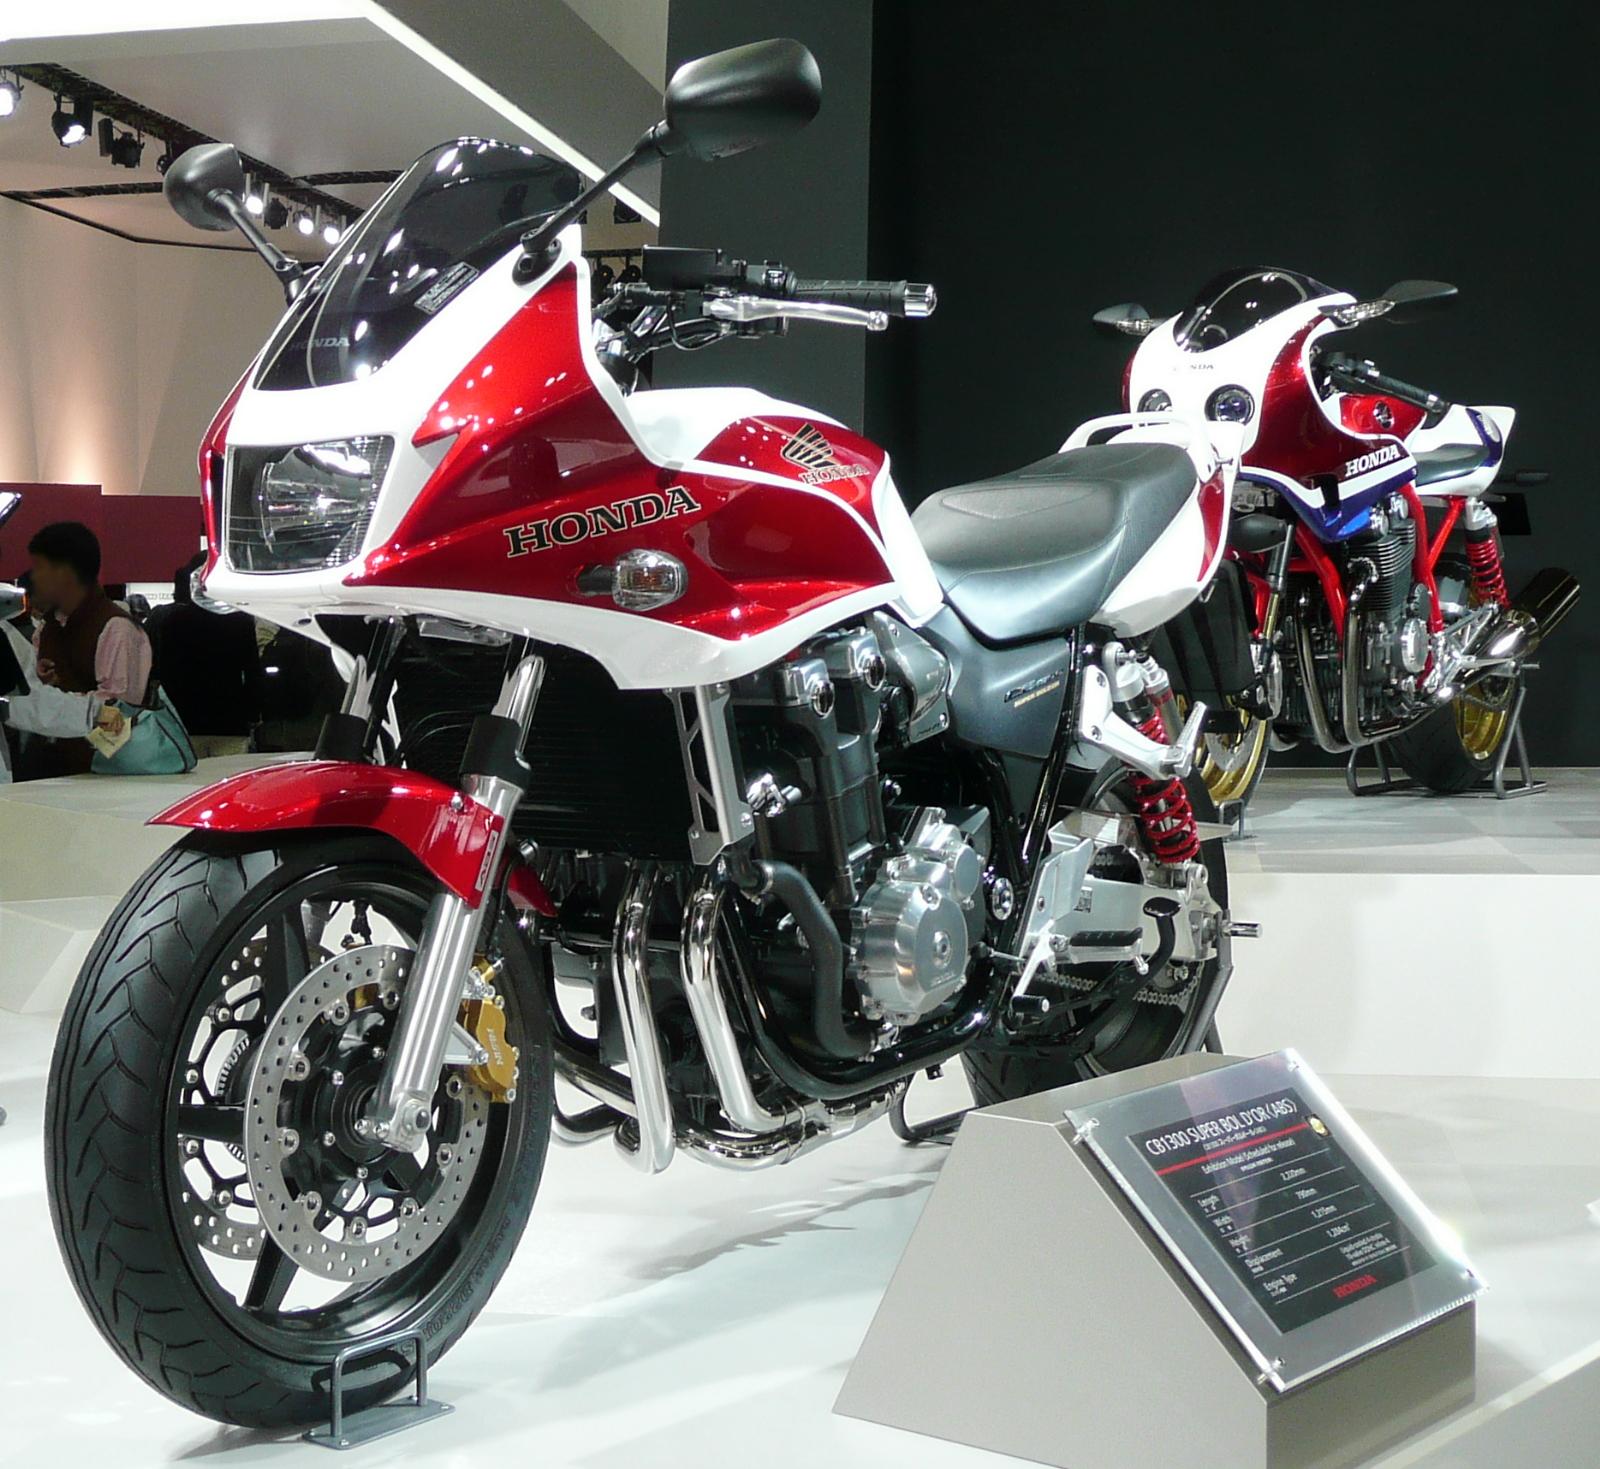 http://3.bp.blogspot.com/_5_ewoocjMX0/TPUo189dNRI/AAAAAAAAAjA/TSB4-JtYclg/s1600/Honda_CB1300_Super_Bold%27or_ABS_2007TMS.jpg